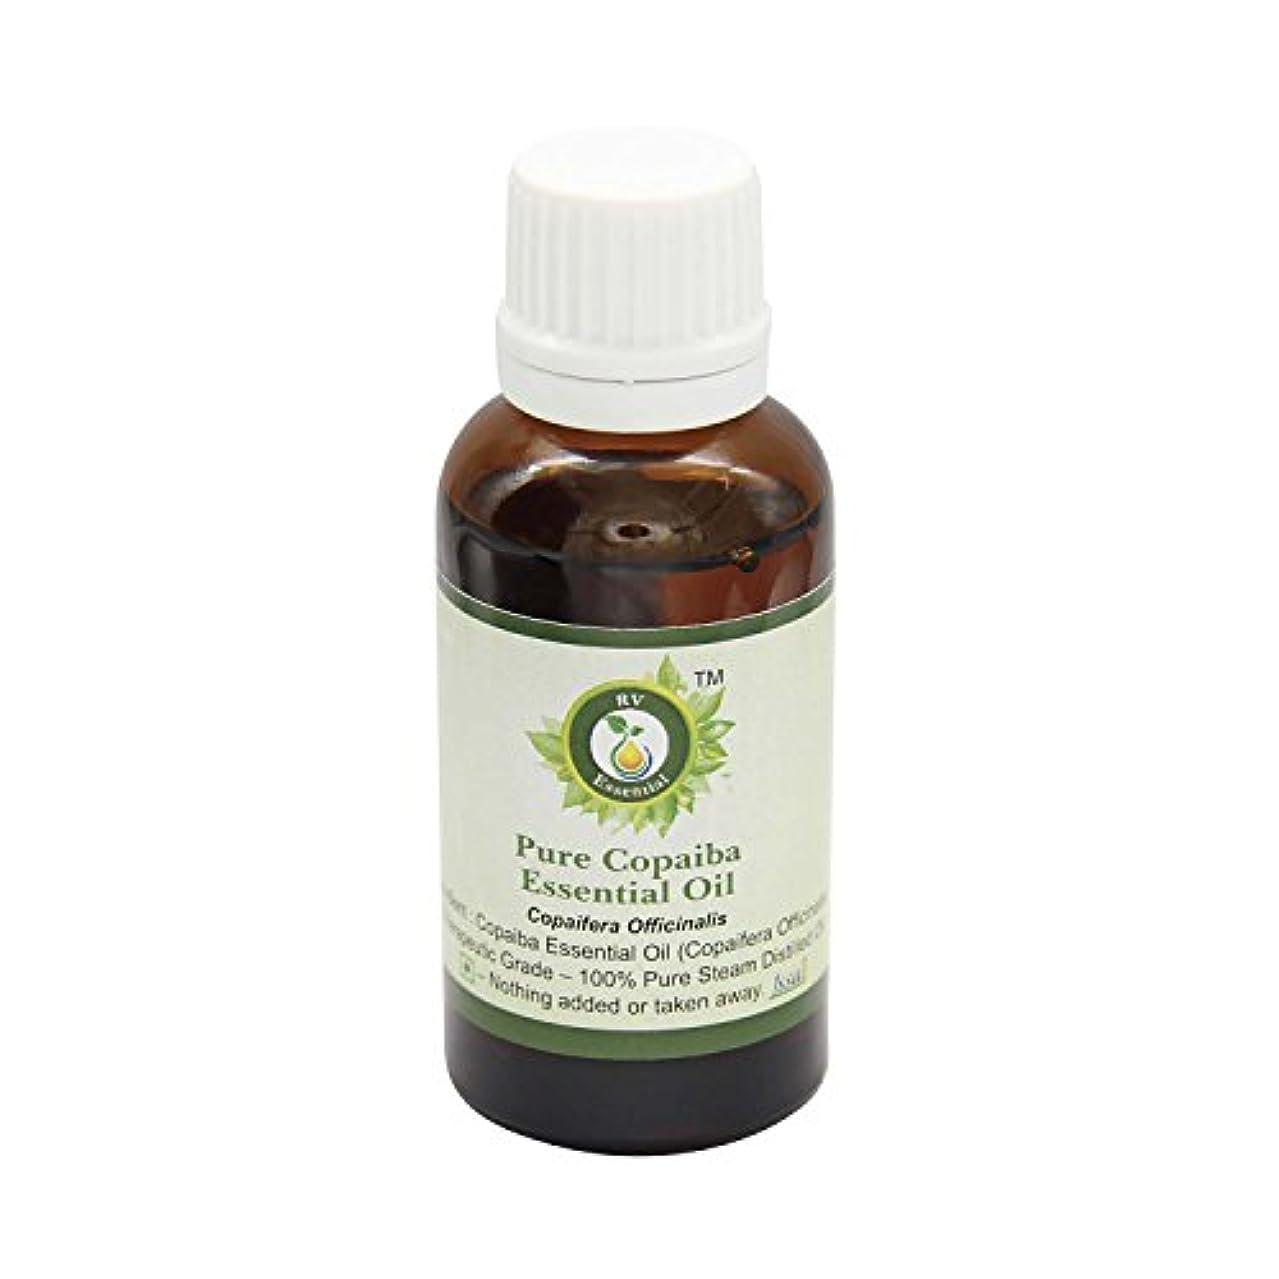 ペチコート喜ぶお別れR V Essential ピュアコパイバエッセンシャルオイル10ml (0.338oz)- Copaifera Officinalis (100%純粋&天然スチームDistilled) Pure Copaiba Essential...